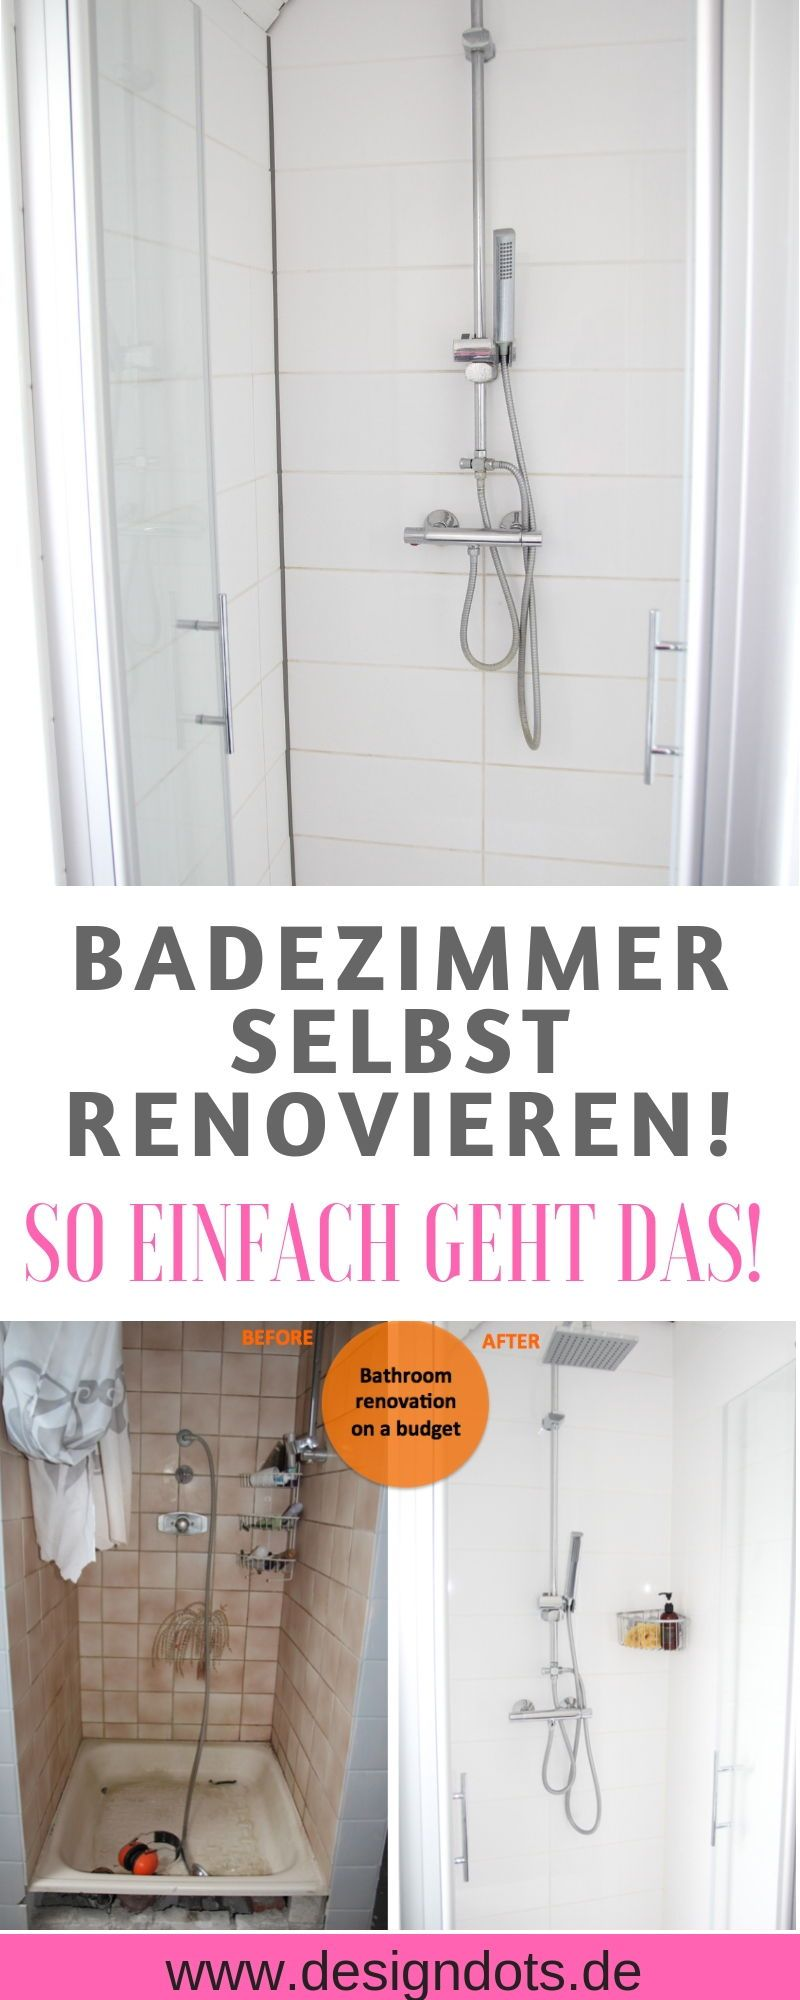 Badezimmer selbst renovieren: vorher/nachher | BAD Ideen ...